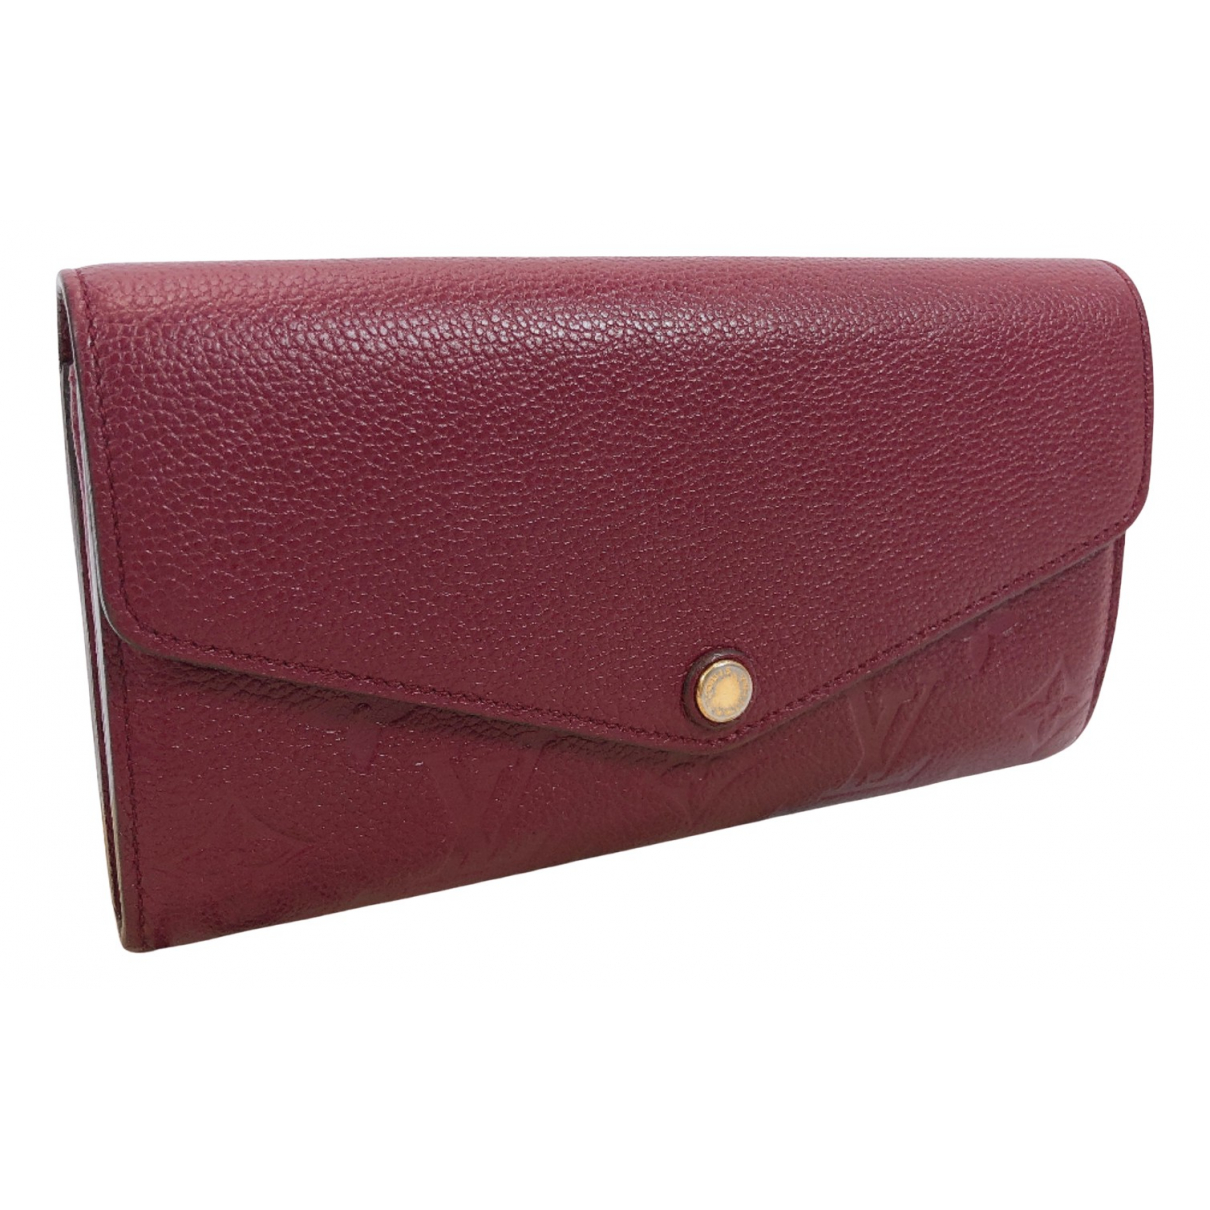 Louis Vuitton - Portefeuille Sarah pour femme en cuir - bordeaux